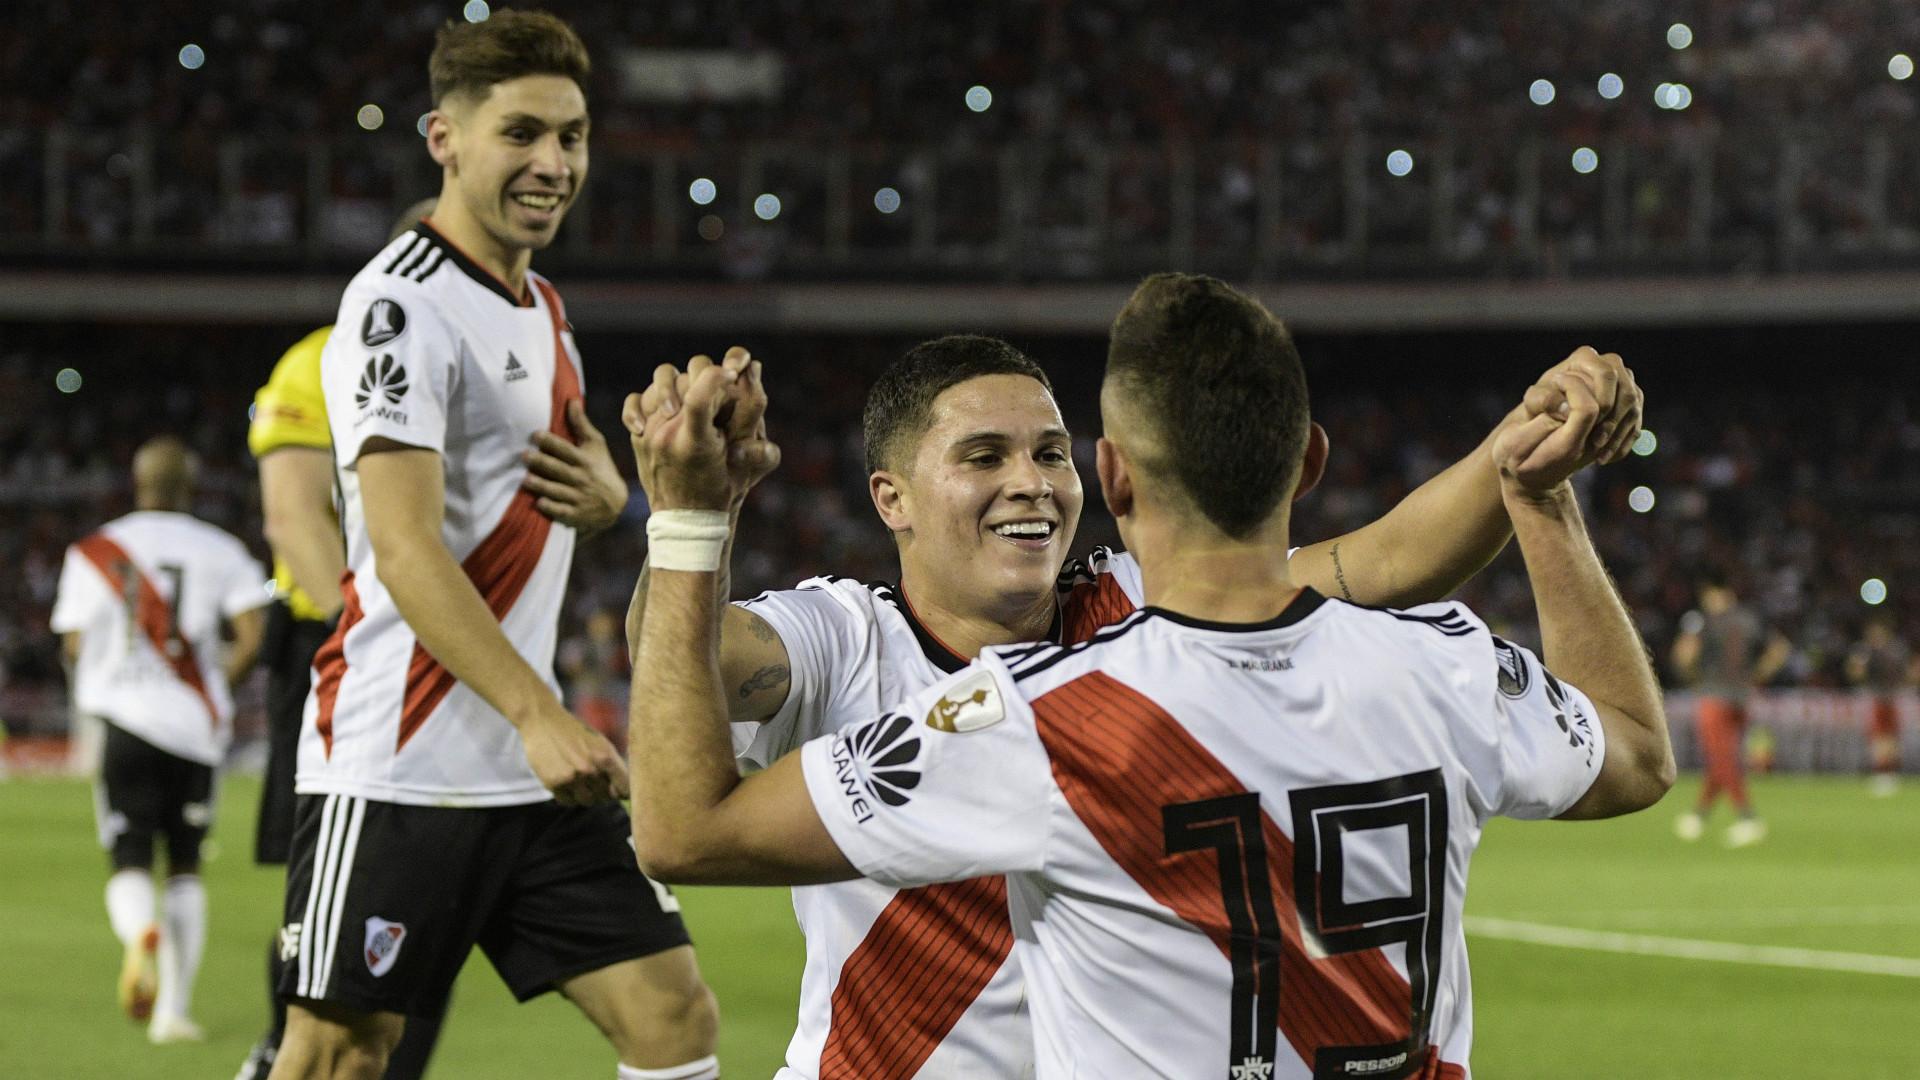 River - Gremio, por la Copa Libertadores: formaciones, día, horario, árbitro y cómo verlo por TV en vivo